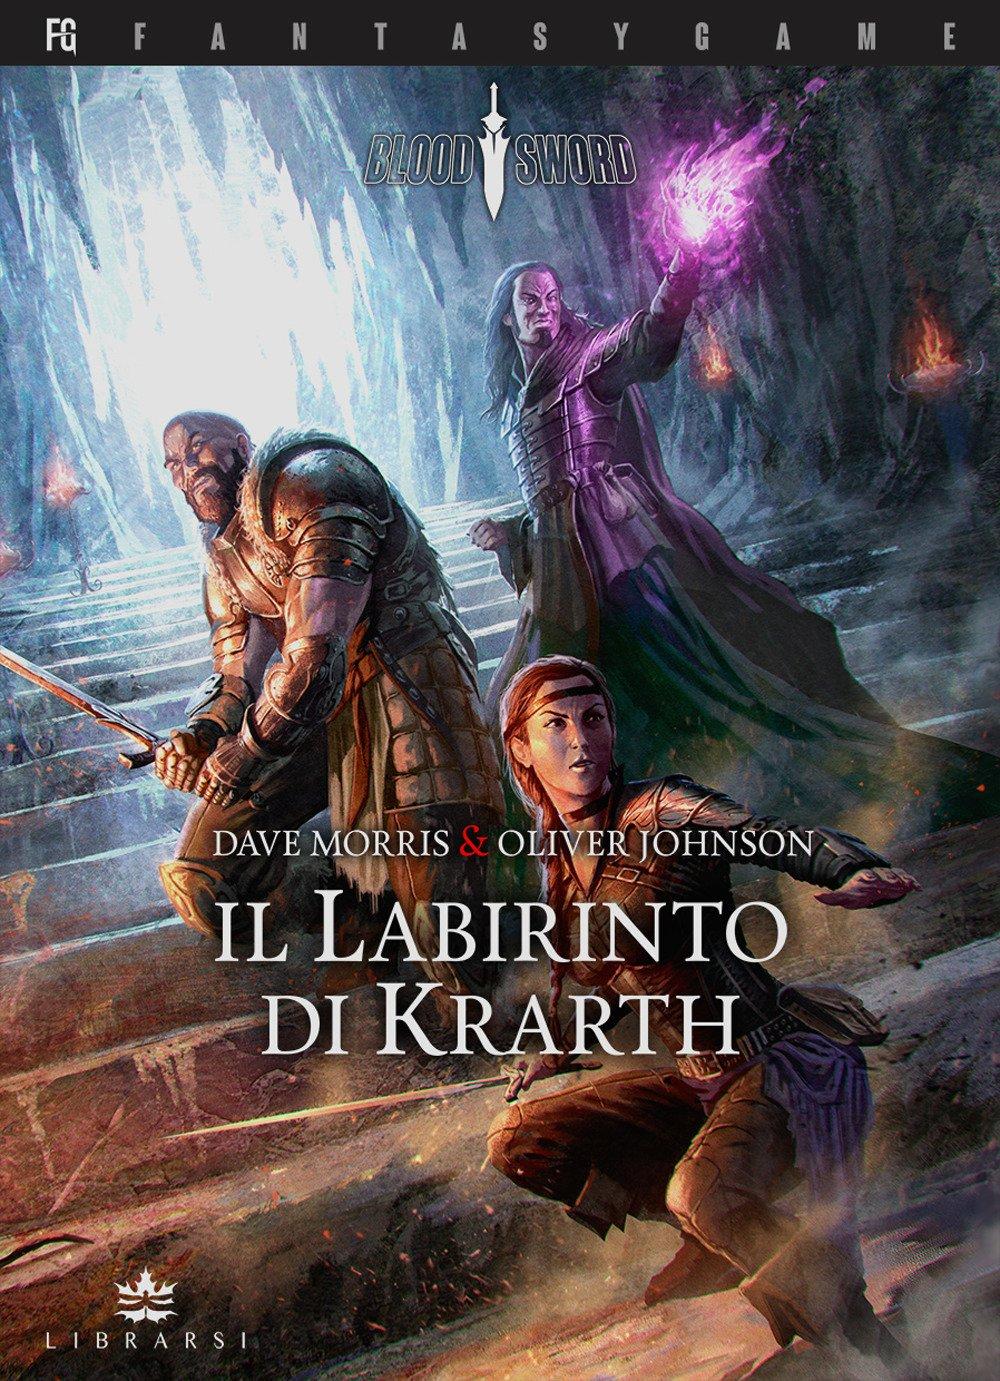 Il Labirinto di Krarth. Blood sword: 1 Copertina flessibile – 31 mar 2018 Dave Morris Oliver Johnson R. Nicholson E. Visone